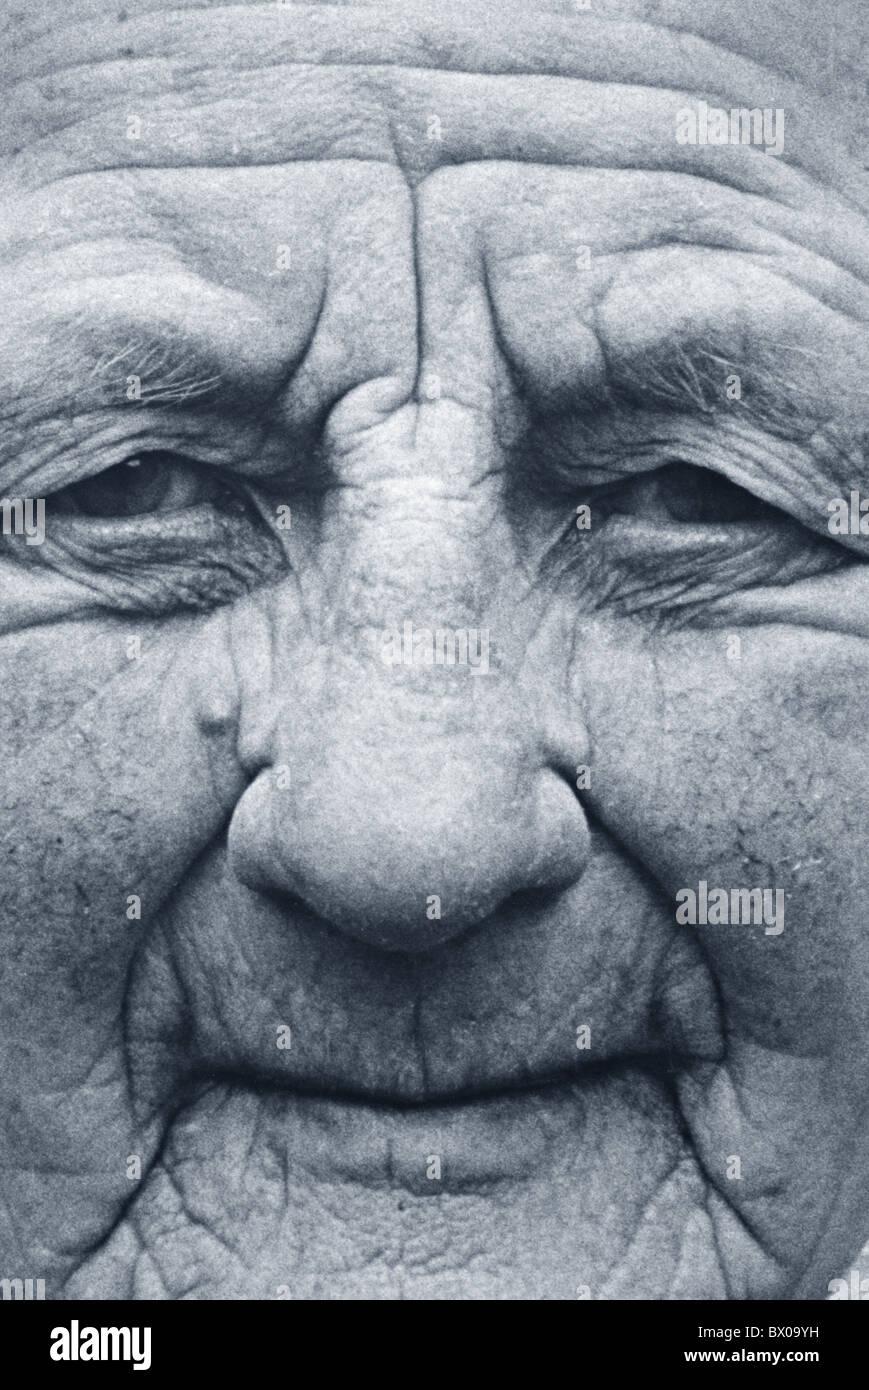 https www alamyimages fr photo image vieille femme vieillesse personne agee vieillesse rides pli nature personne personnes portrait noir et blanc 33199253 html